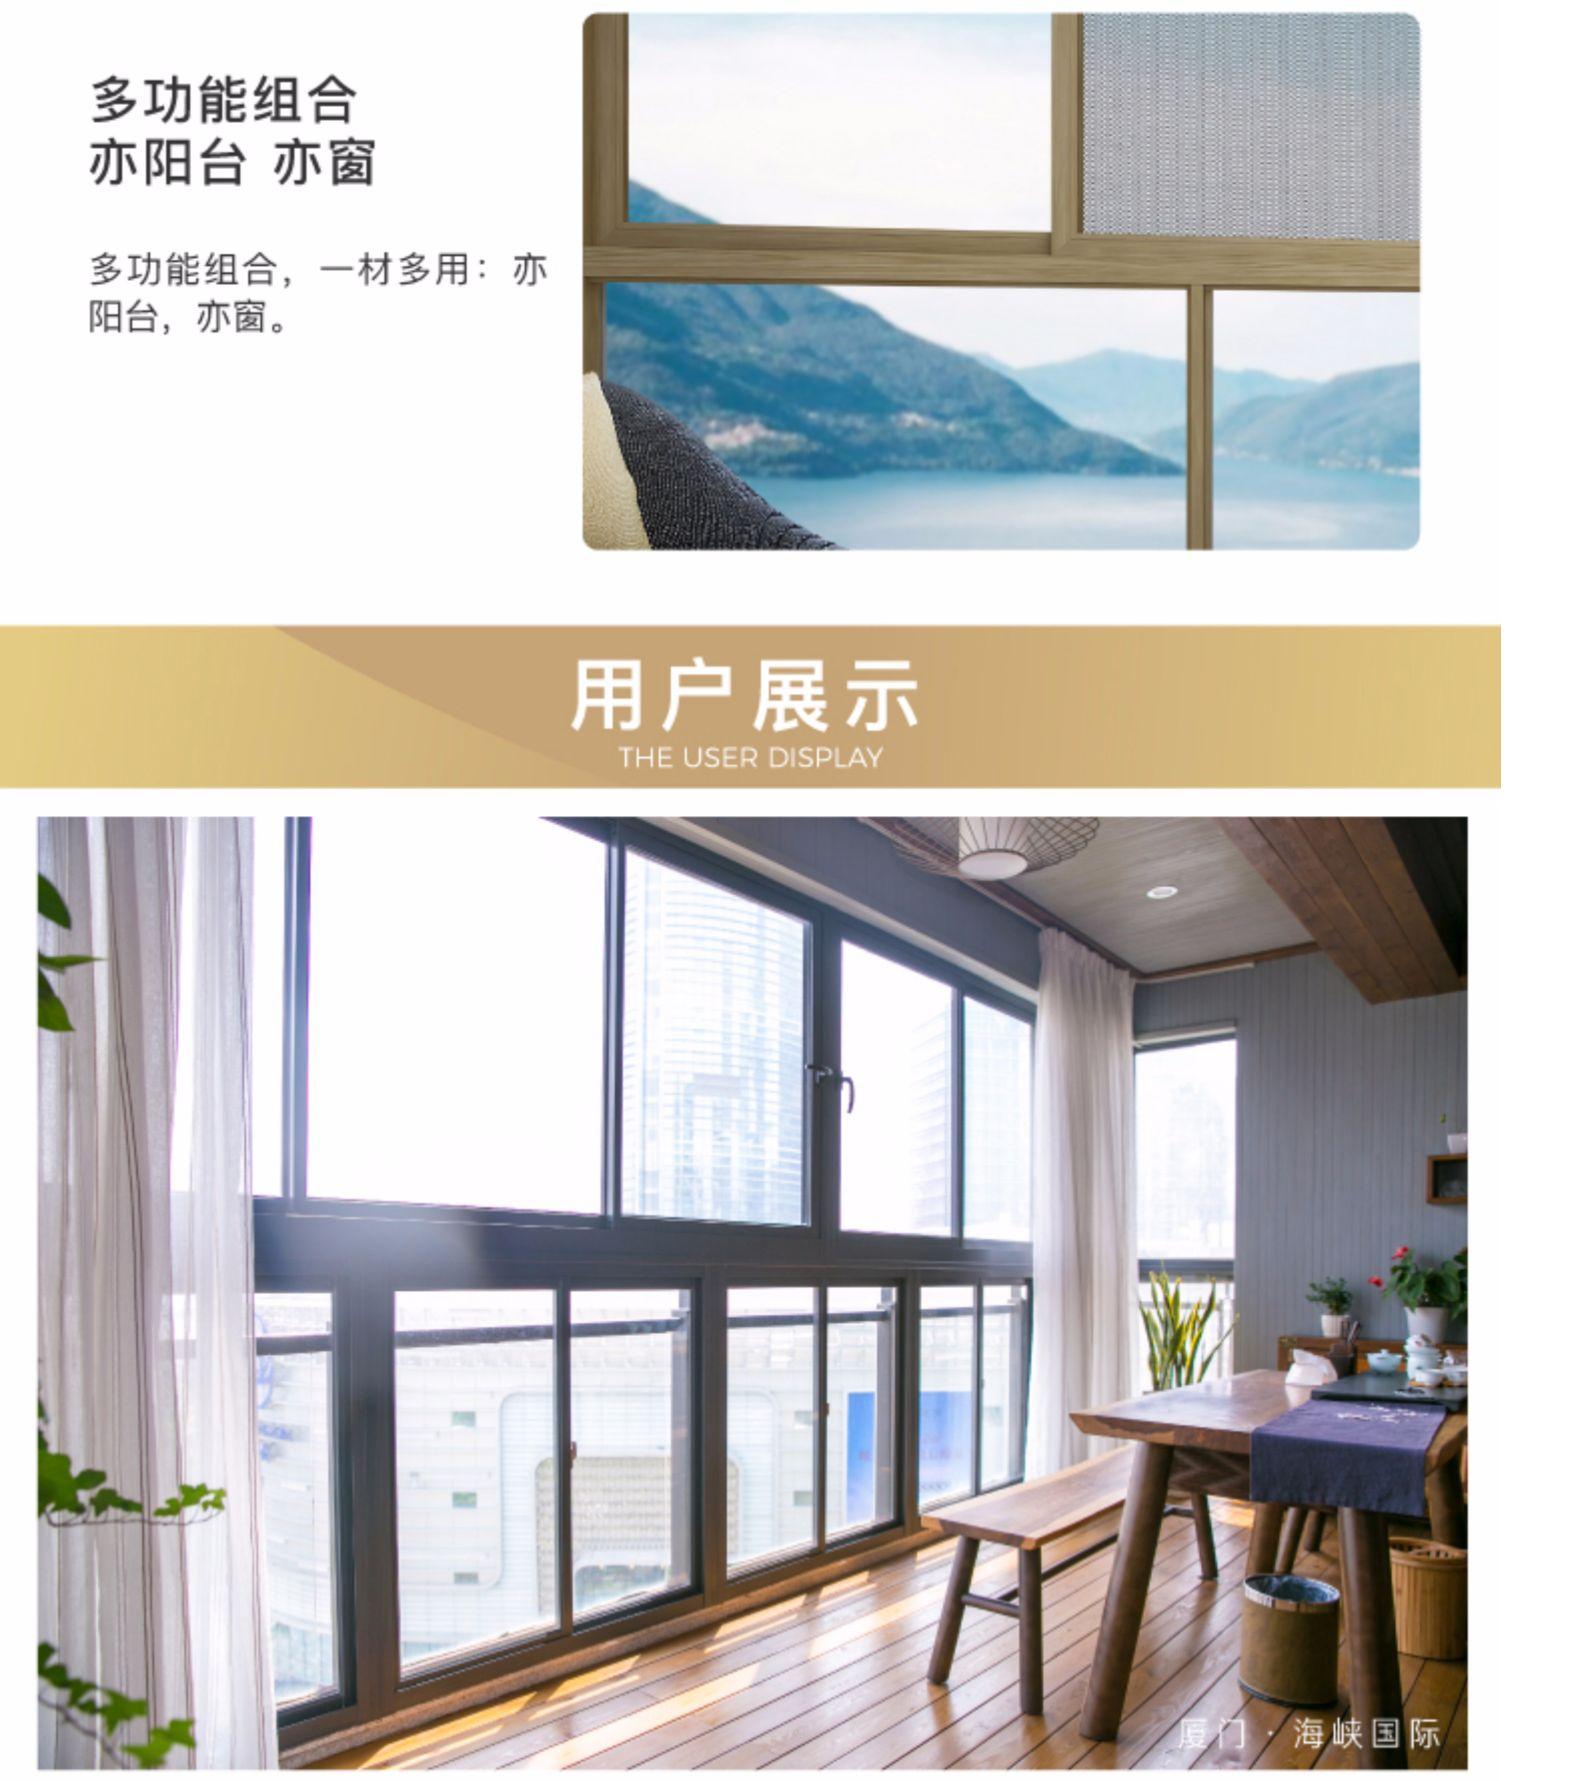 枫景气密推拉窗断桥铝合金门窗中空玻璃封阳台隔音隔热带纱窗定制